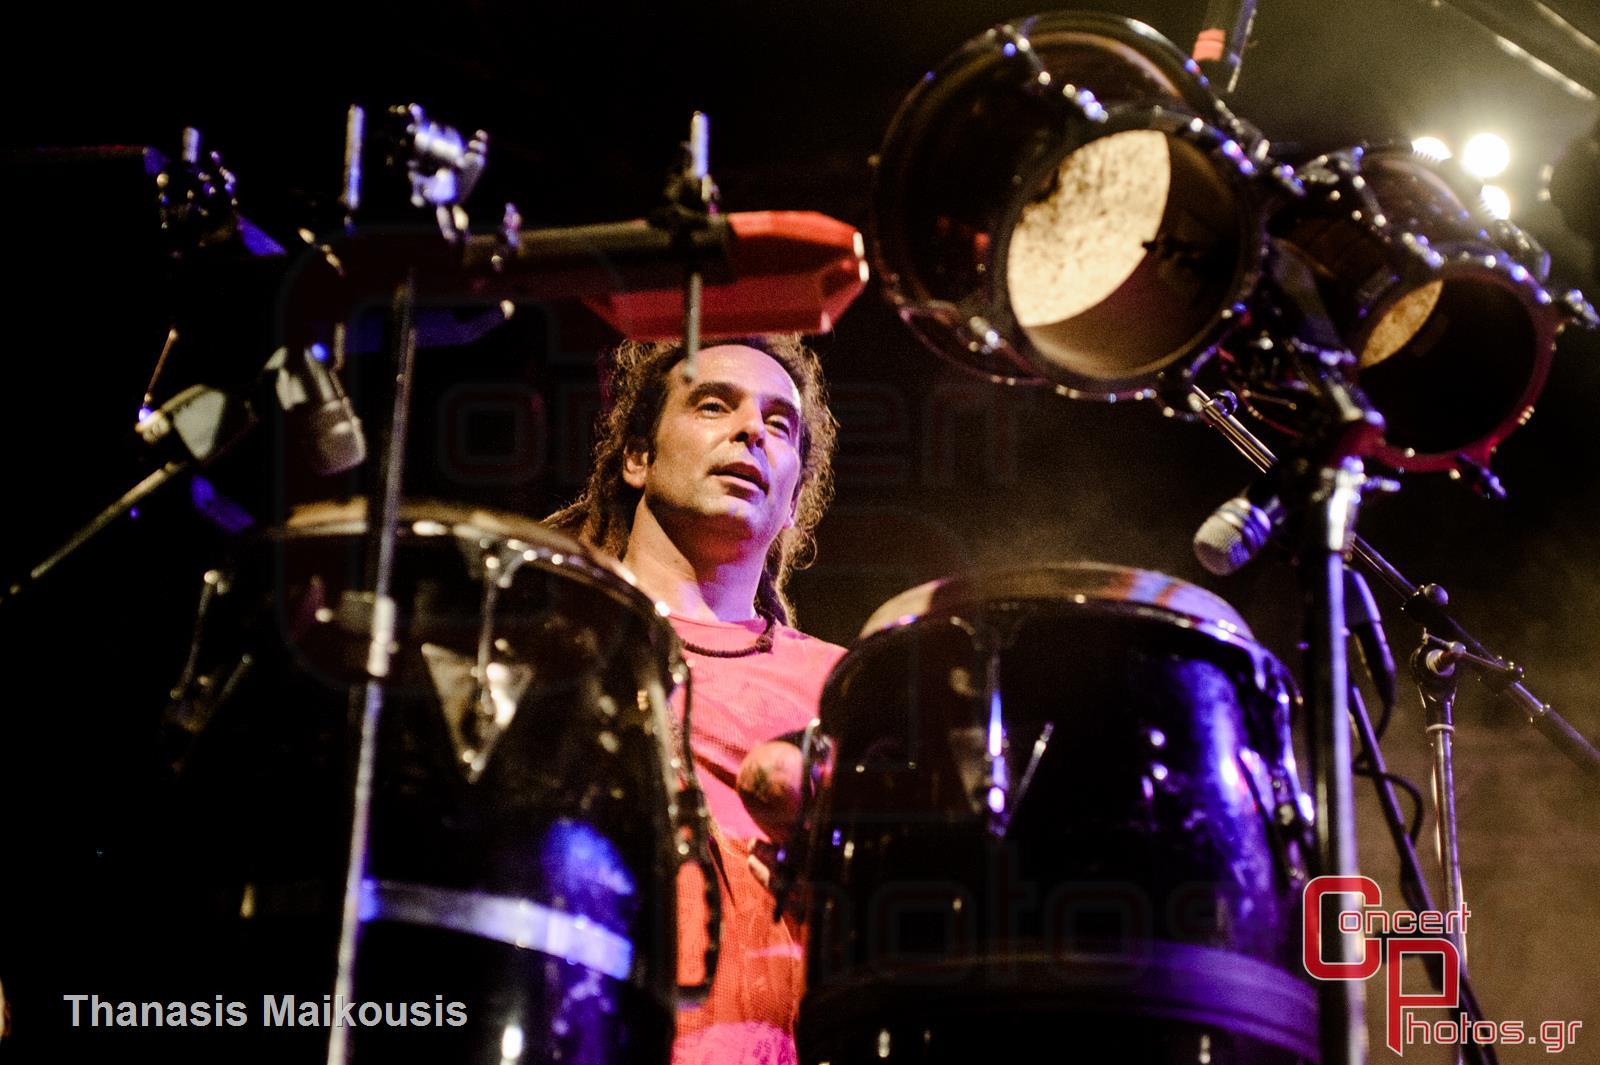 Locomondo-Locomondo 2013 Bolivar photographer: Thanasis Maikousis - concertphotos_-6971